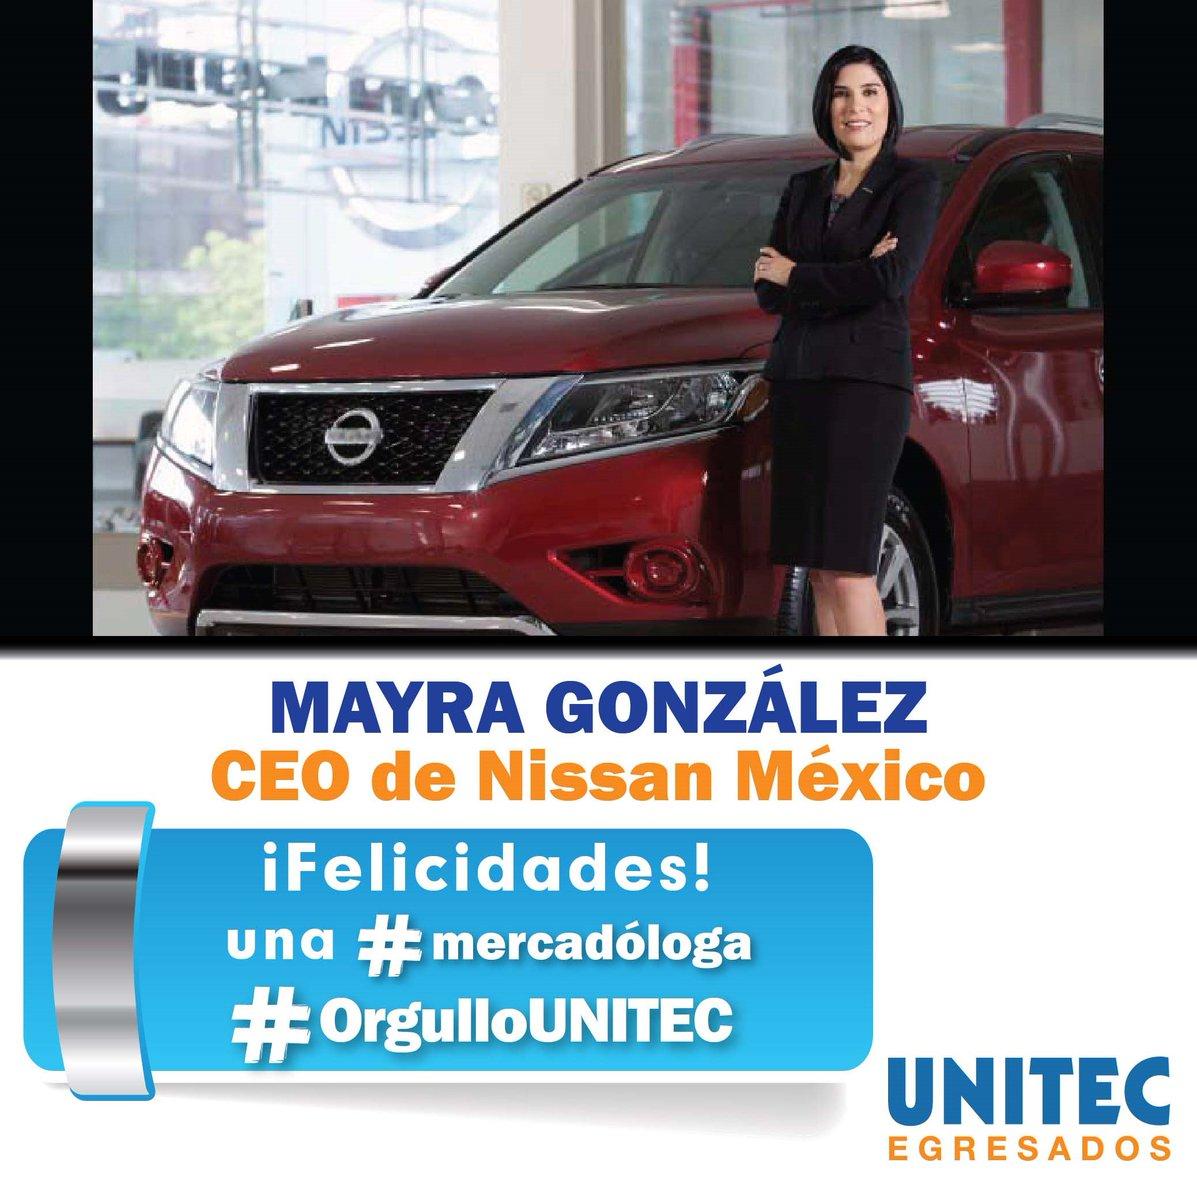 Mercadólogos #UNITEC, ¡Gracias por su creatividad y estrategias! Así como Mayra, ustedes son #OrgulloUNITEC https://t.co/Bso83TtbQI